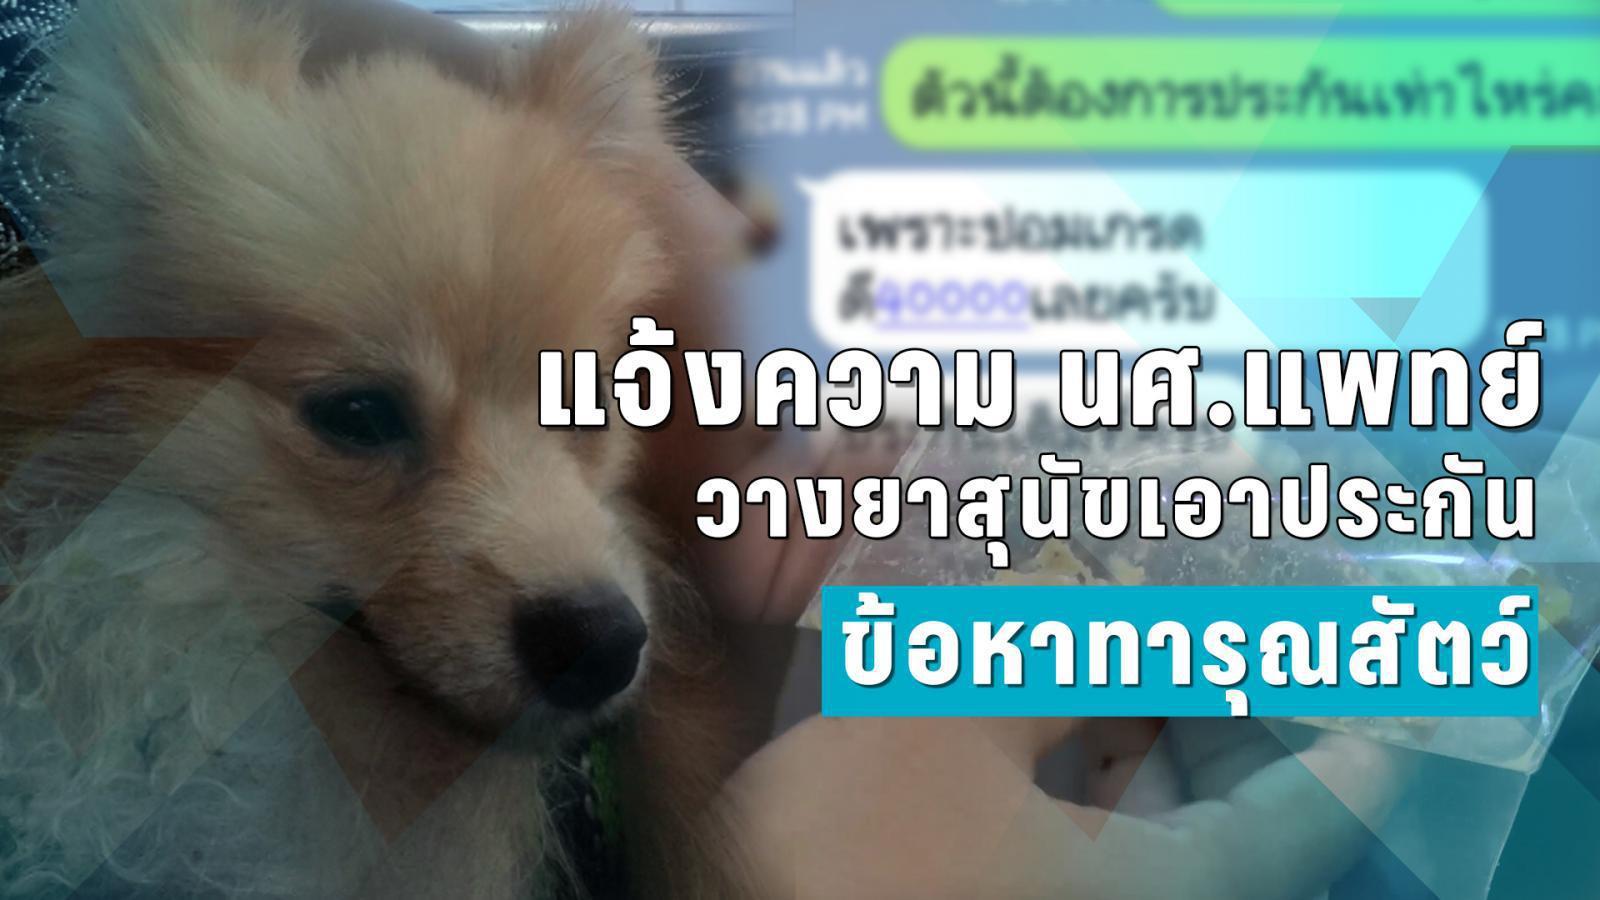 แจ้งความ นศ.แพทย์วางยาสุนัขเอาประกัน ข้อหาทารุณสัตว์